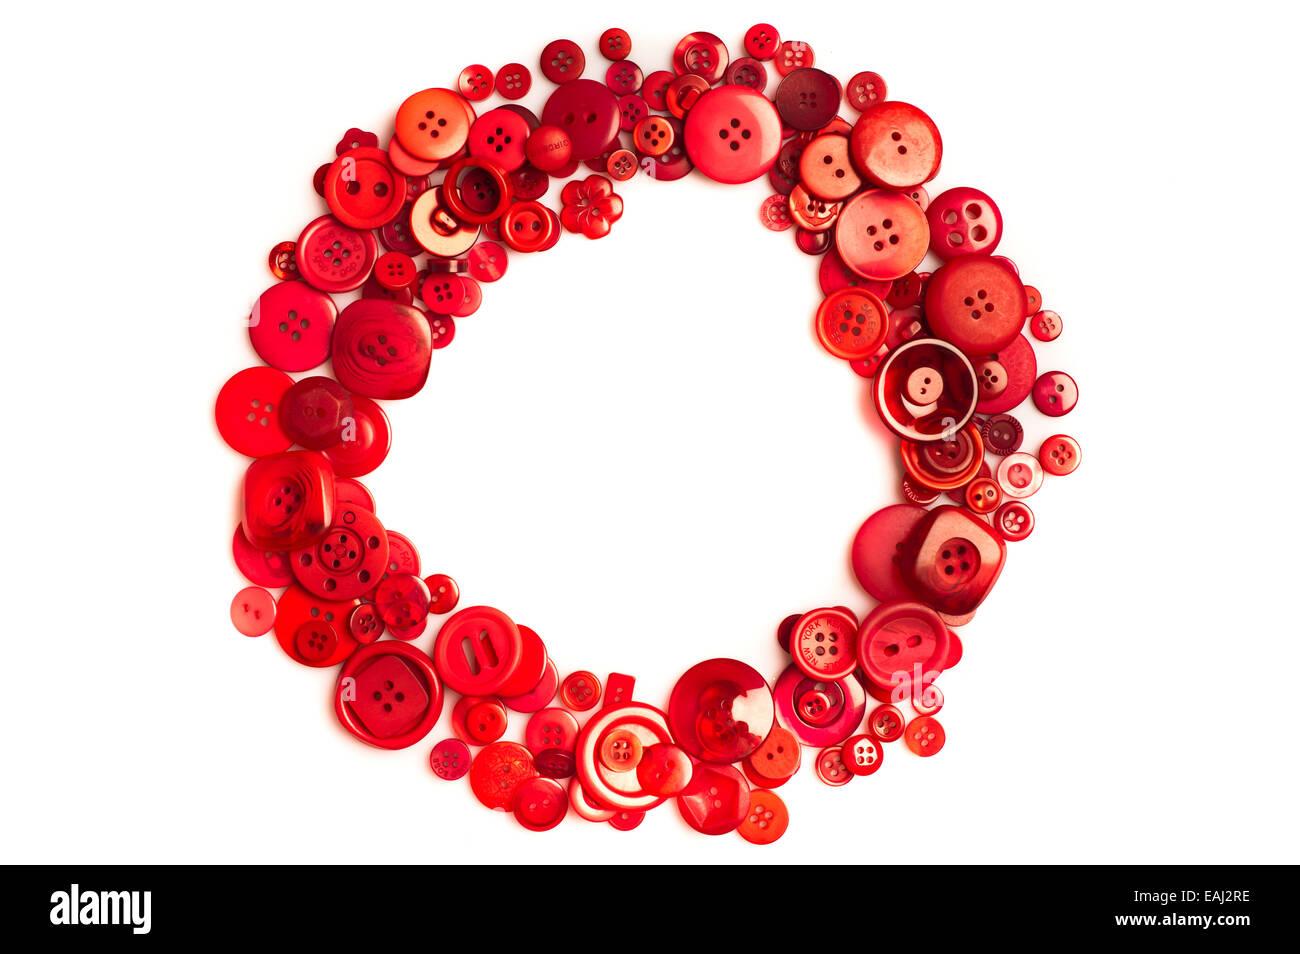 roter Kreis auf weißem gefertigt mit Schaltflächen Stockbild